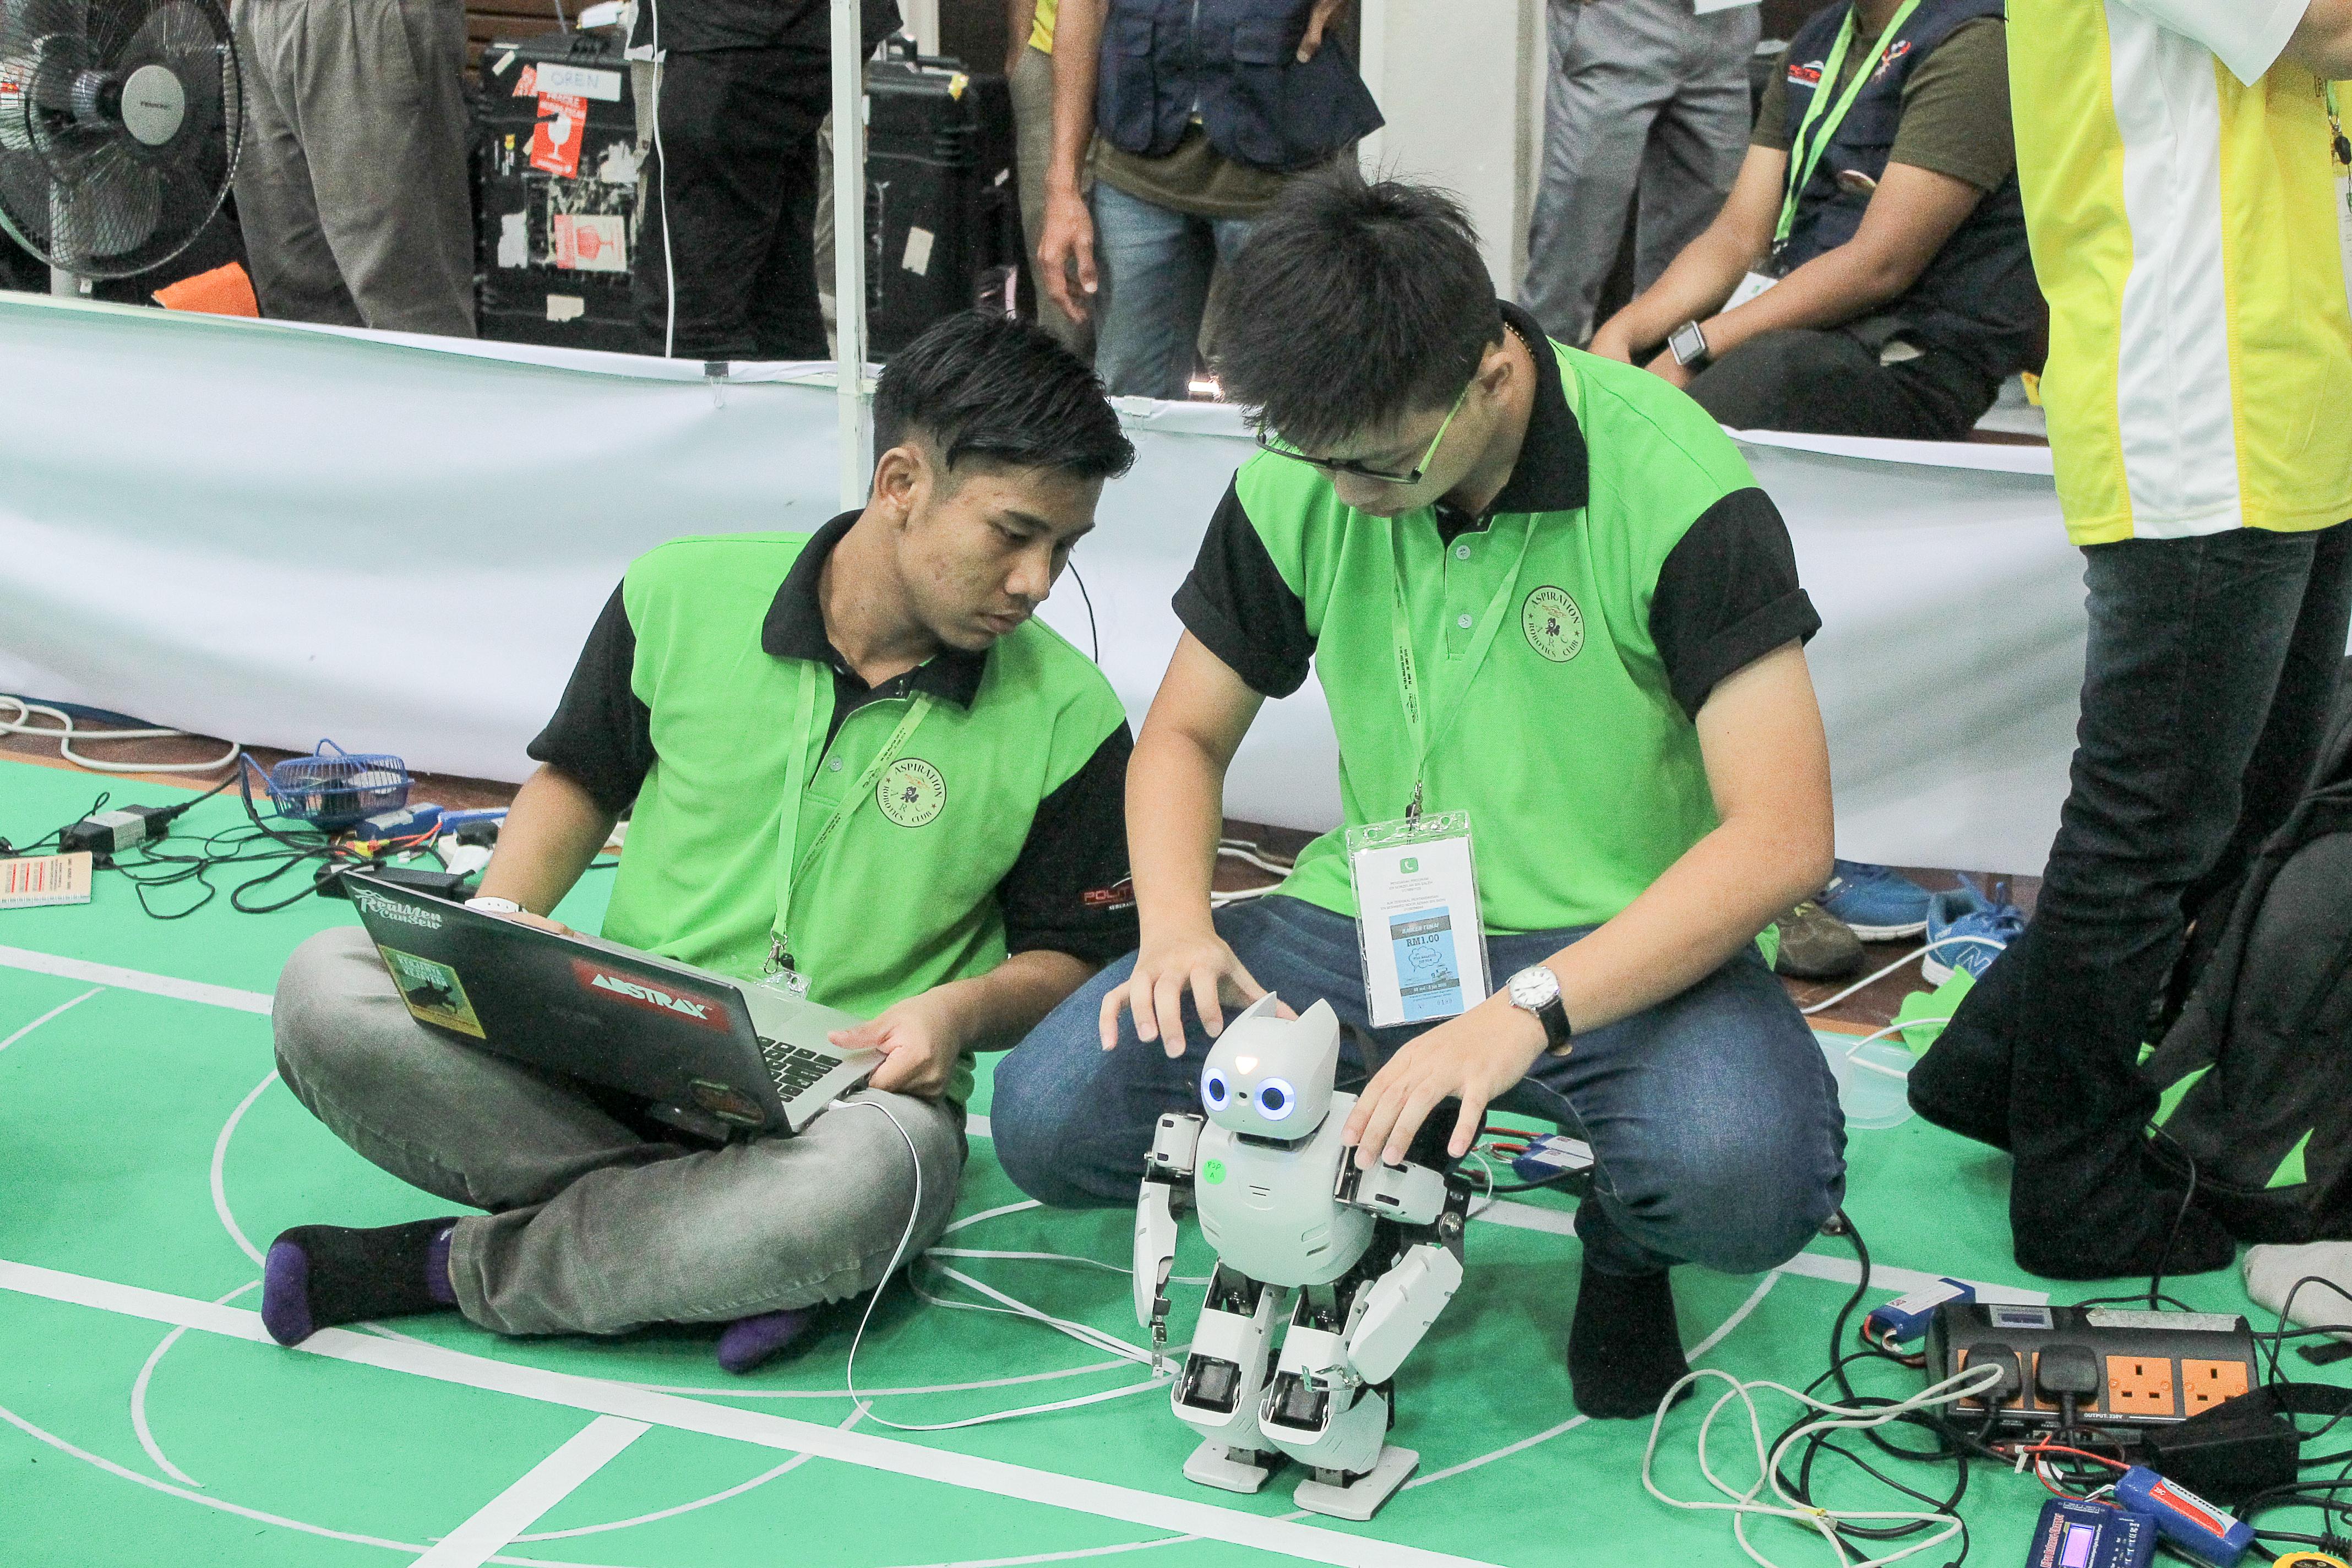 Saya dan Hong ketika setting robot